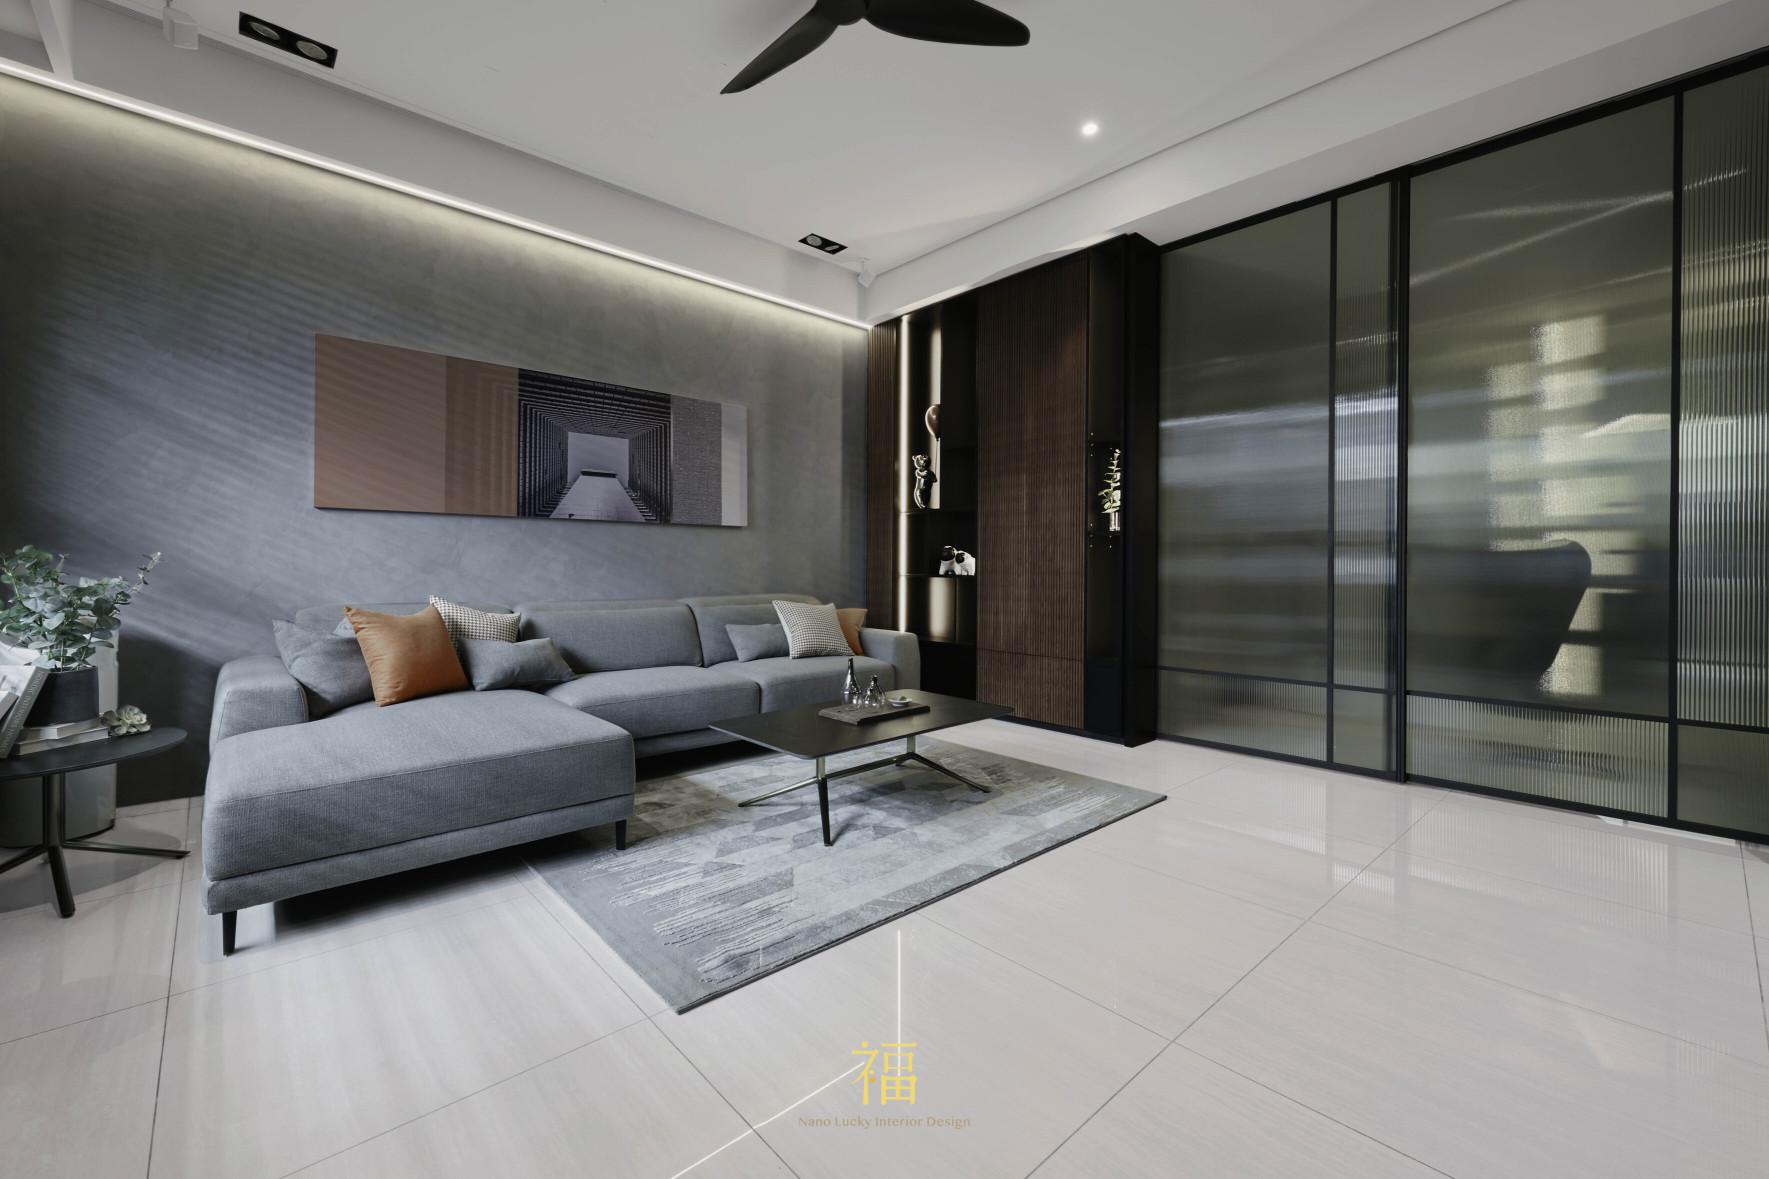 福宅雅居|北歐風客廳空間|嘉義住宅空間設計